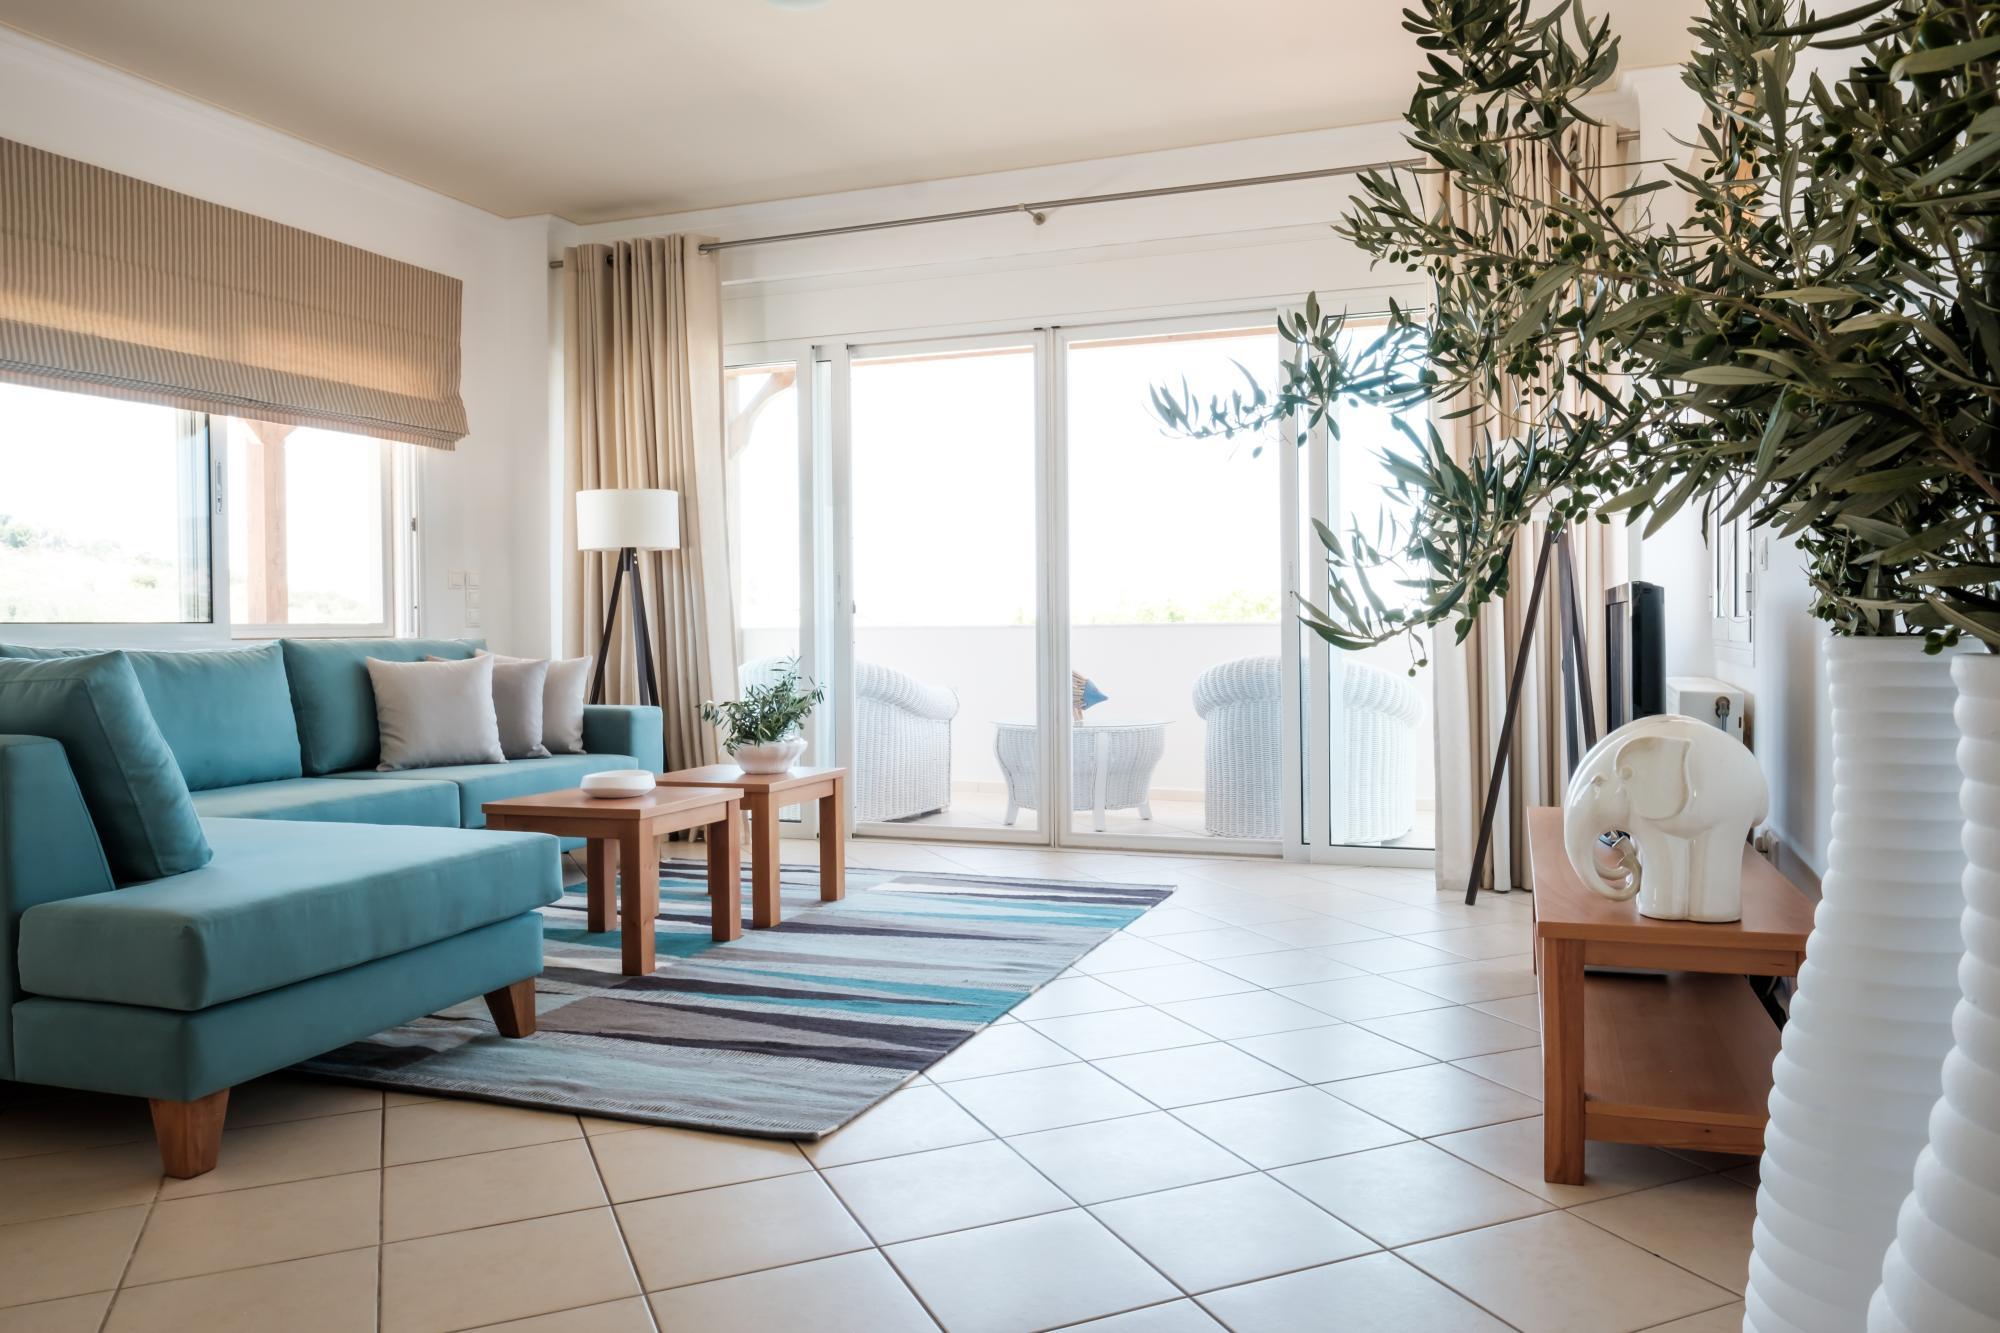 Magnifique Villa De 3 Chambres Avec Piscine Et Vue Sur La Mer.